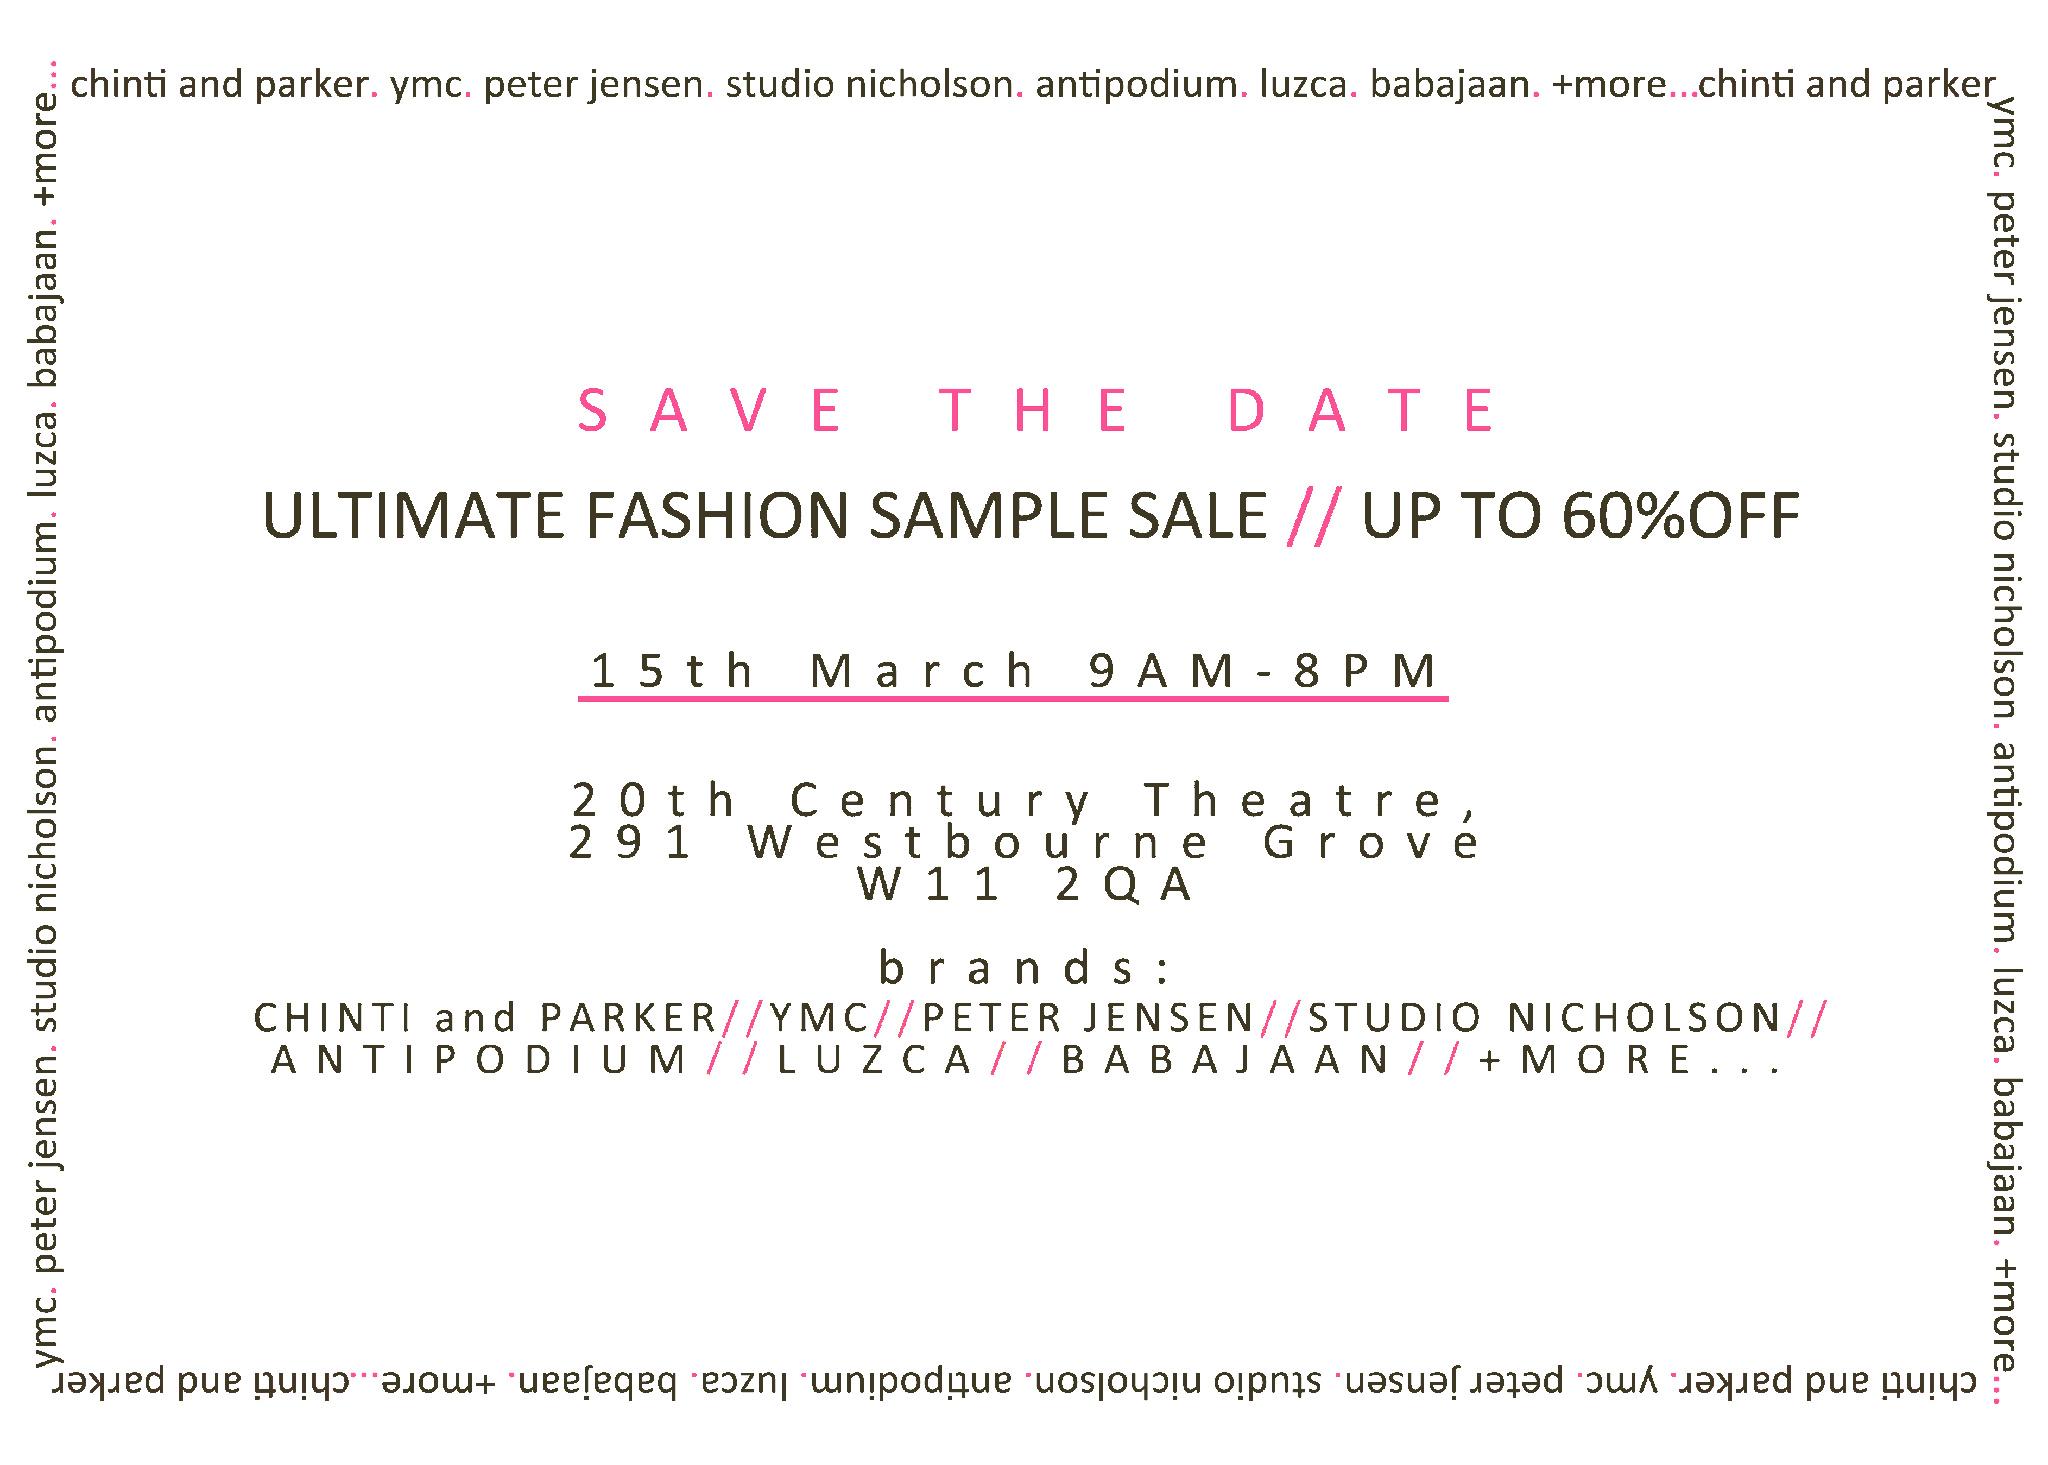 Jo gordon: sample sale with ally capellino and studio nicholson.